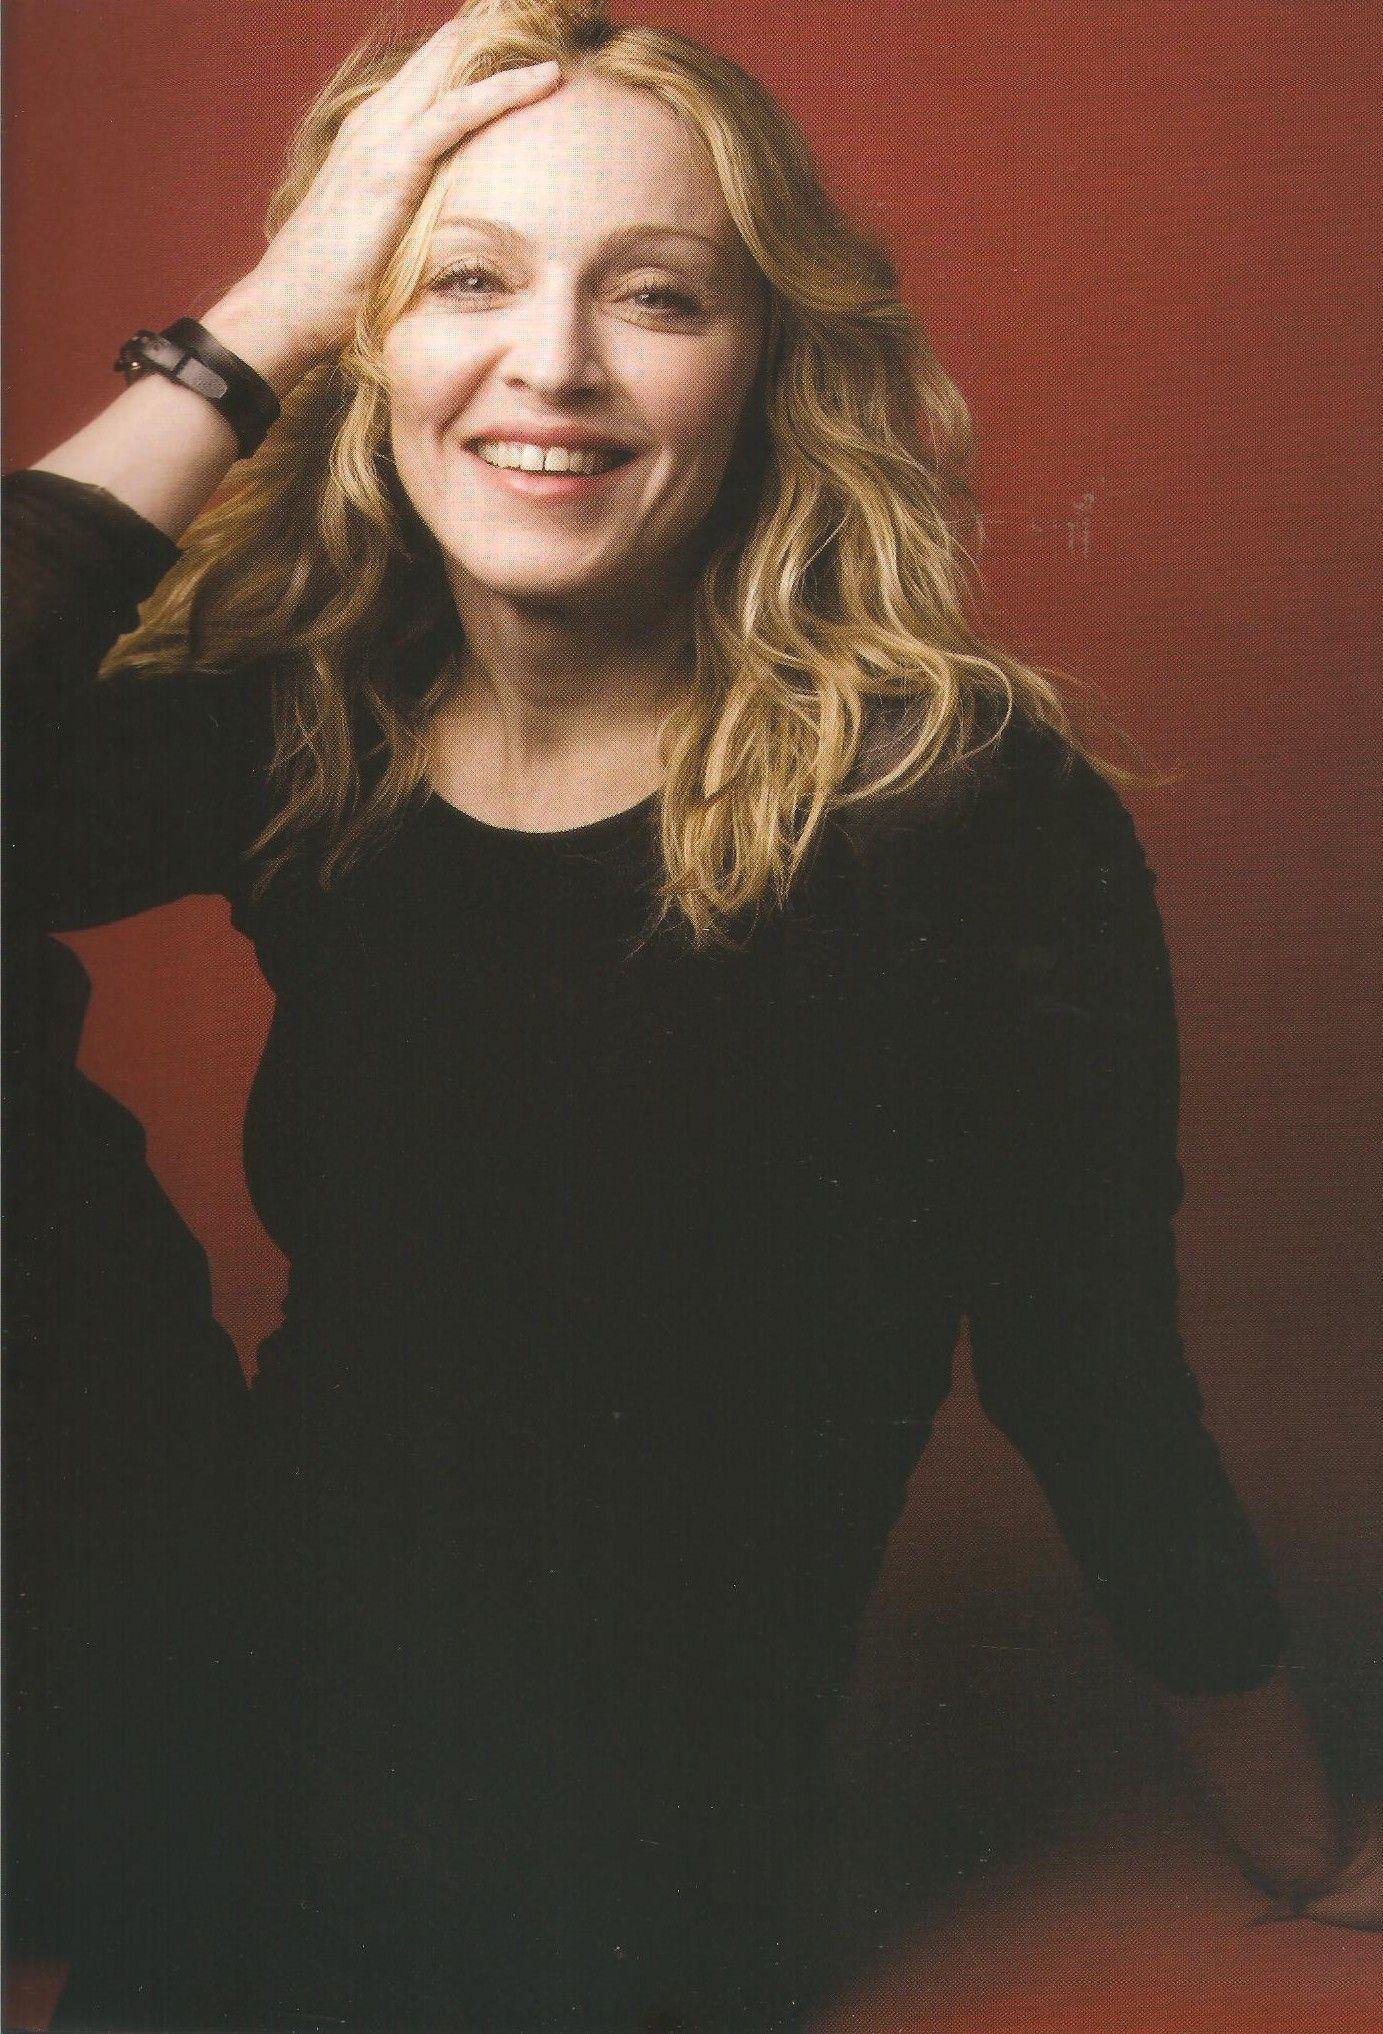 Madonna by Annie Liebovitz in 2007 for Vanity Fair